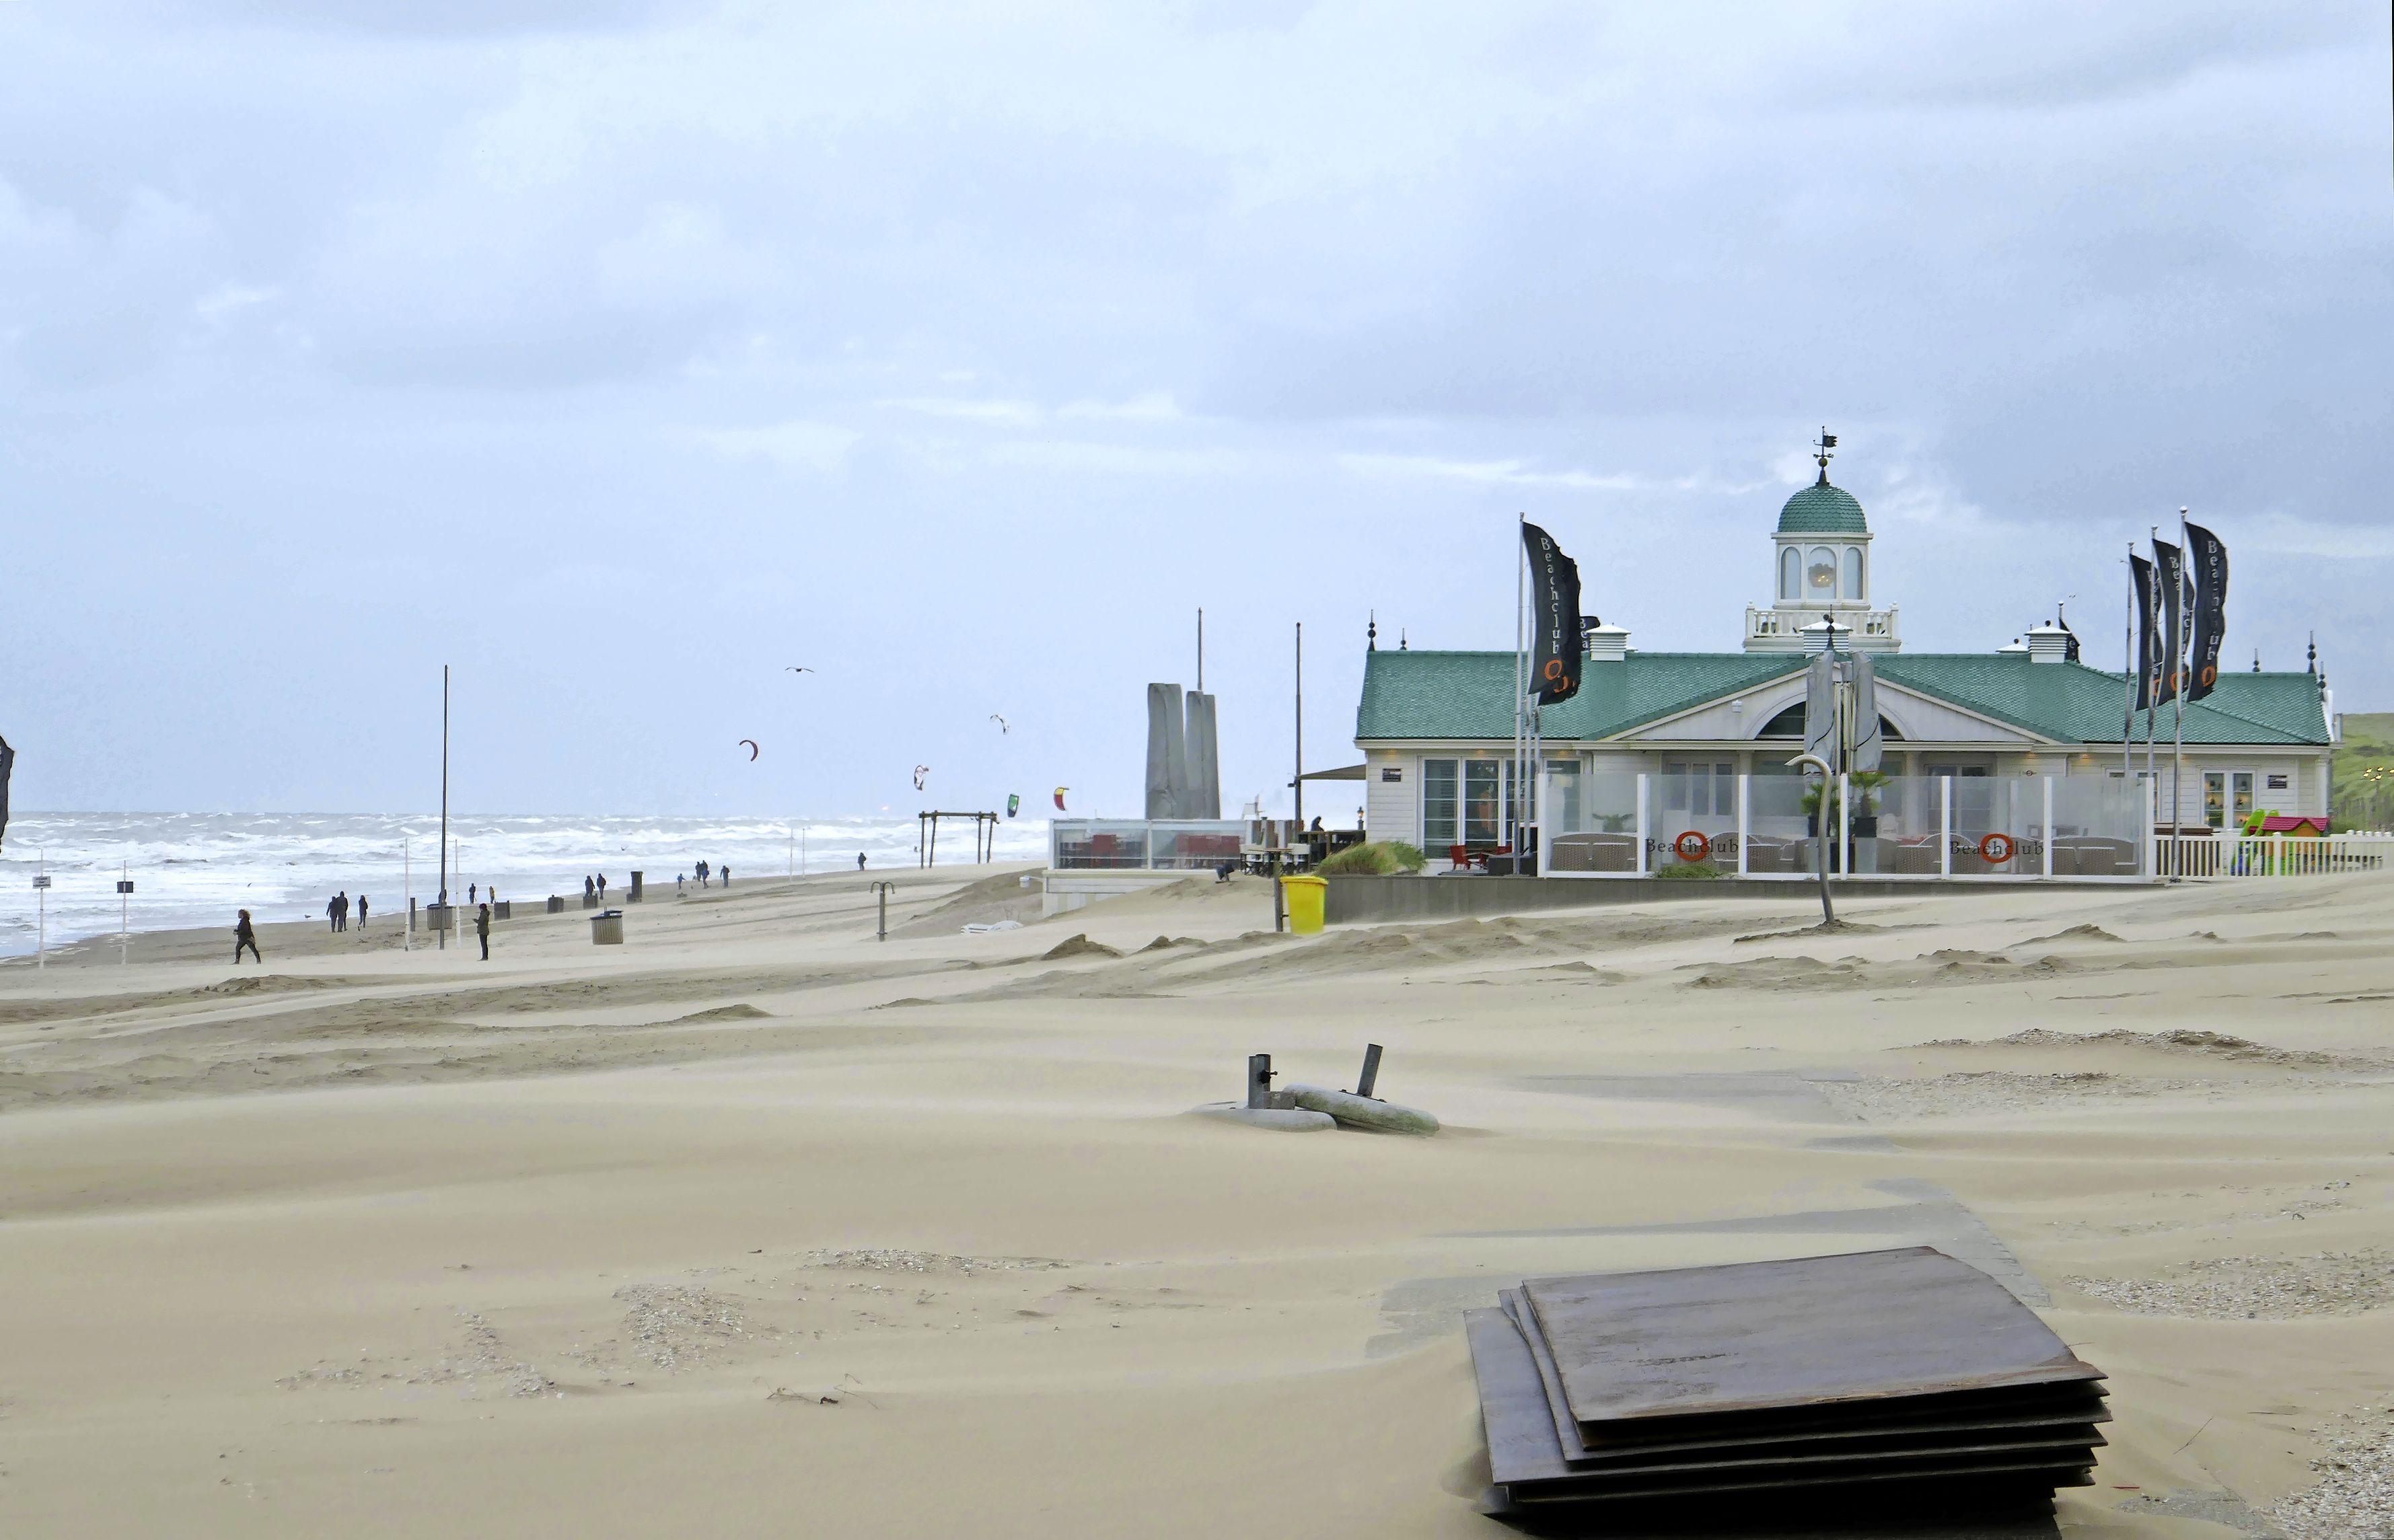 Noordwijk op de vingers getikt om volgebouwd strand en vervuiling door oude brommers: 'Duurzaam toerisme is meer dan alleen spa-bestemming worden'